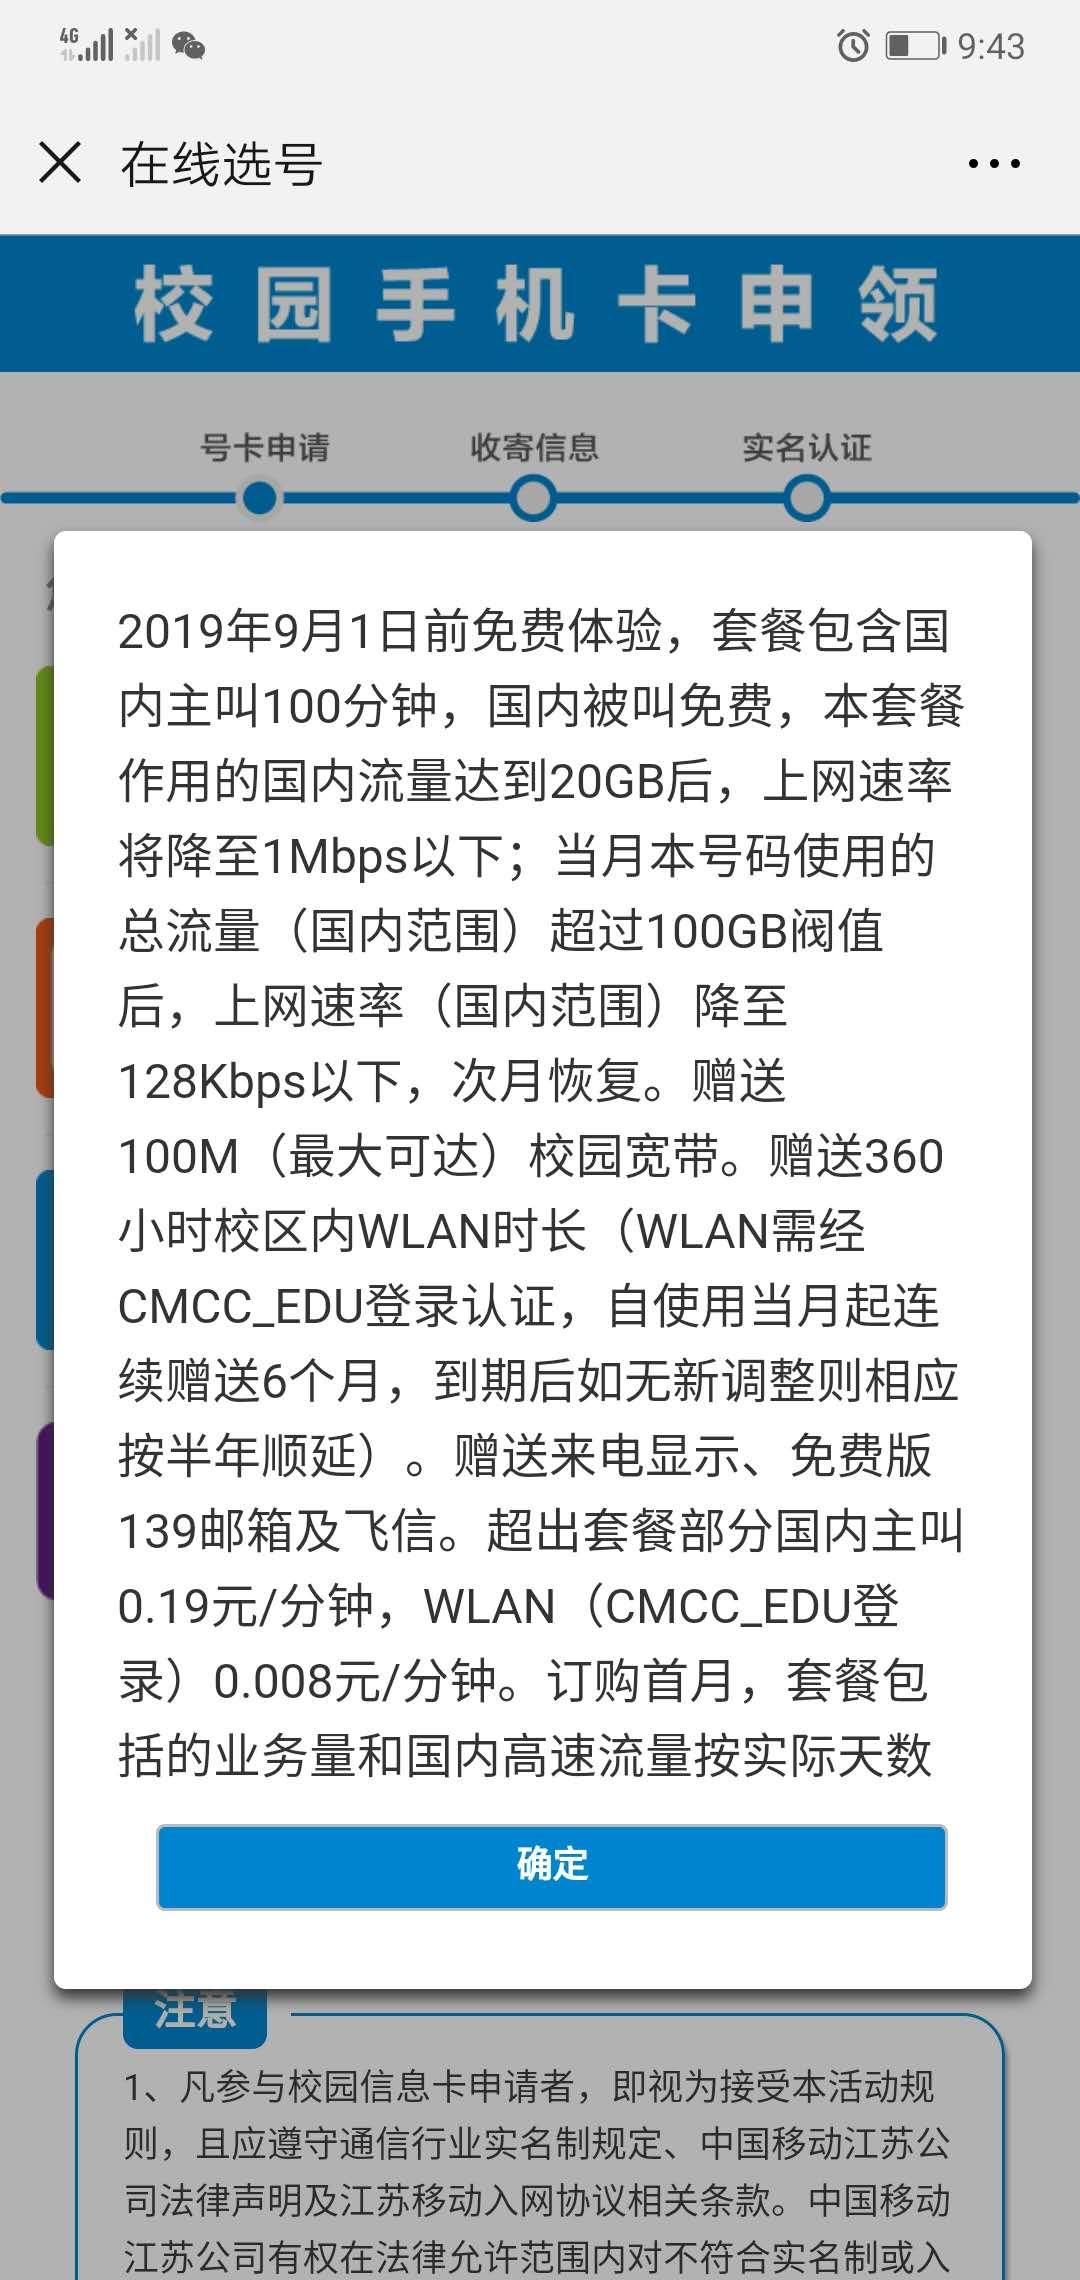 #江苏移动校园卡#38元/月:流量不限量20GB后限速1M+100分钟,全国包邮